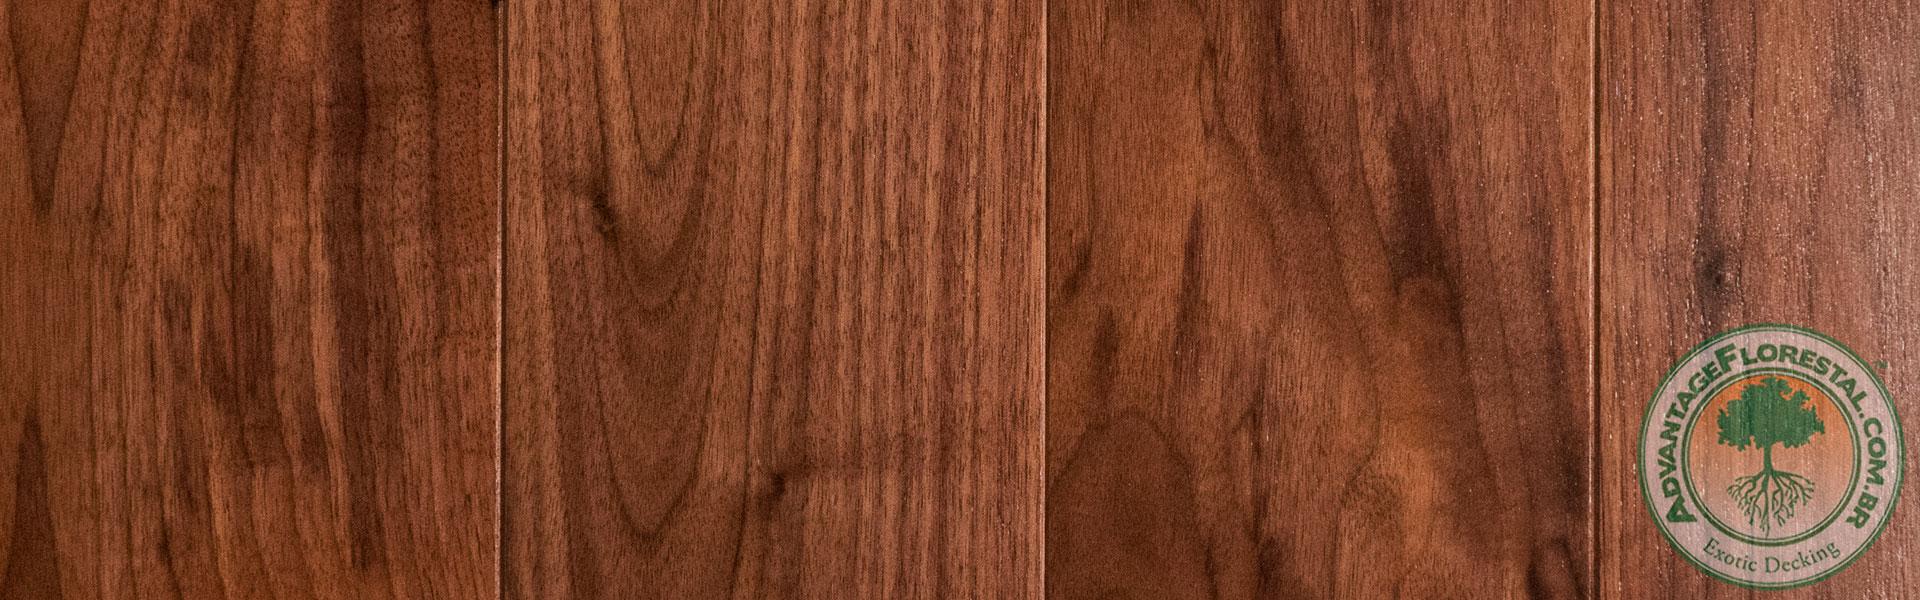 Wholesale American Walnut Hardwood Flooring